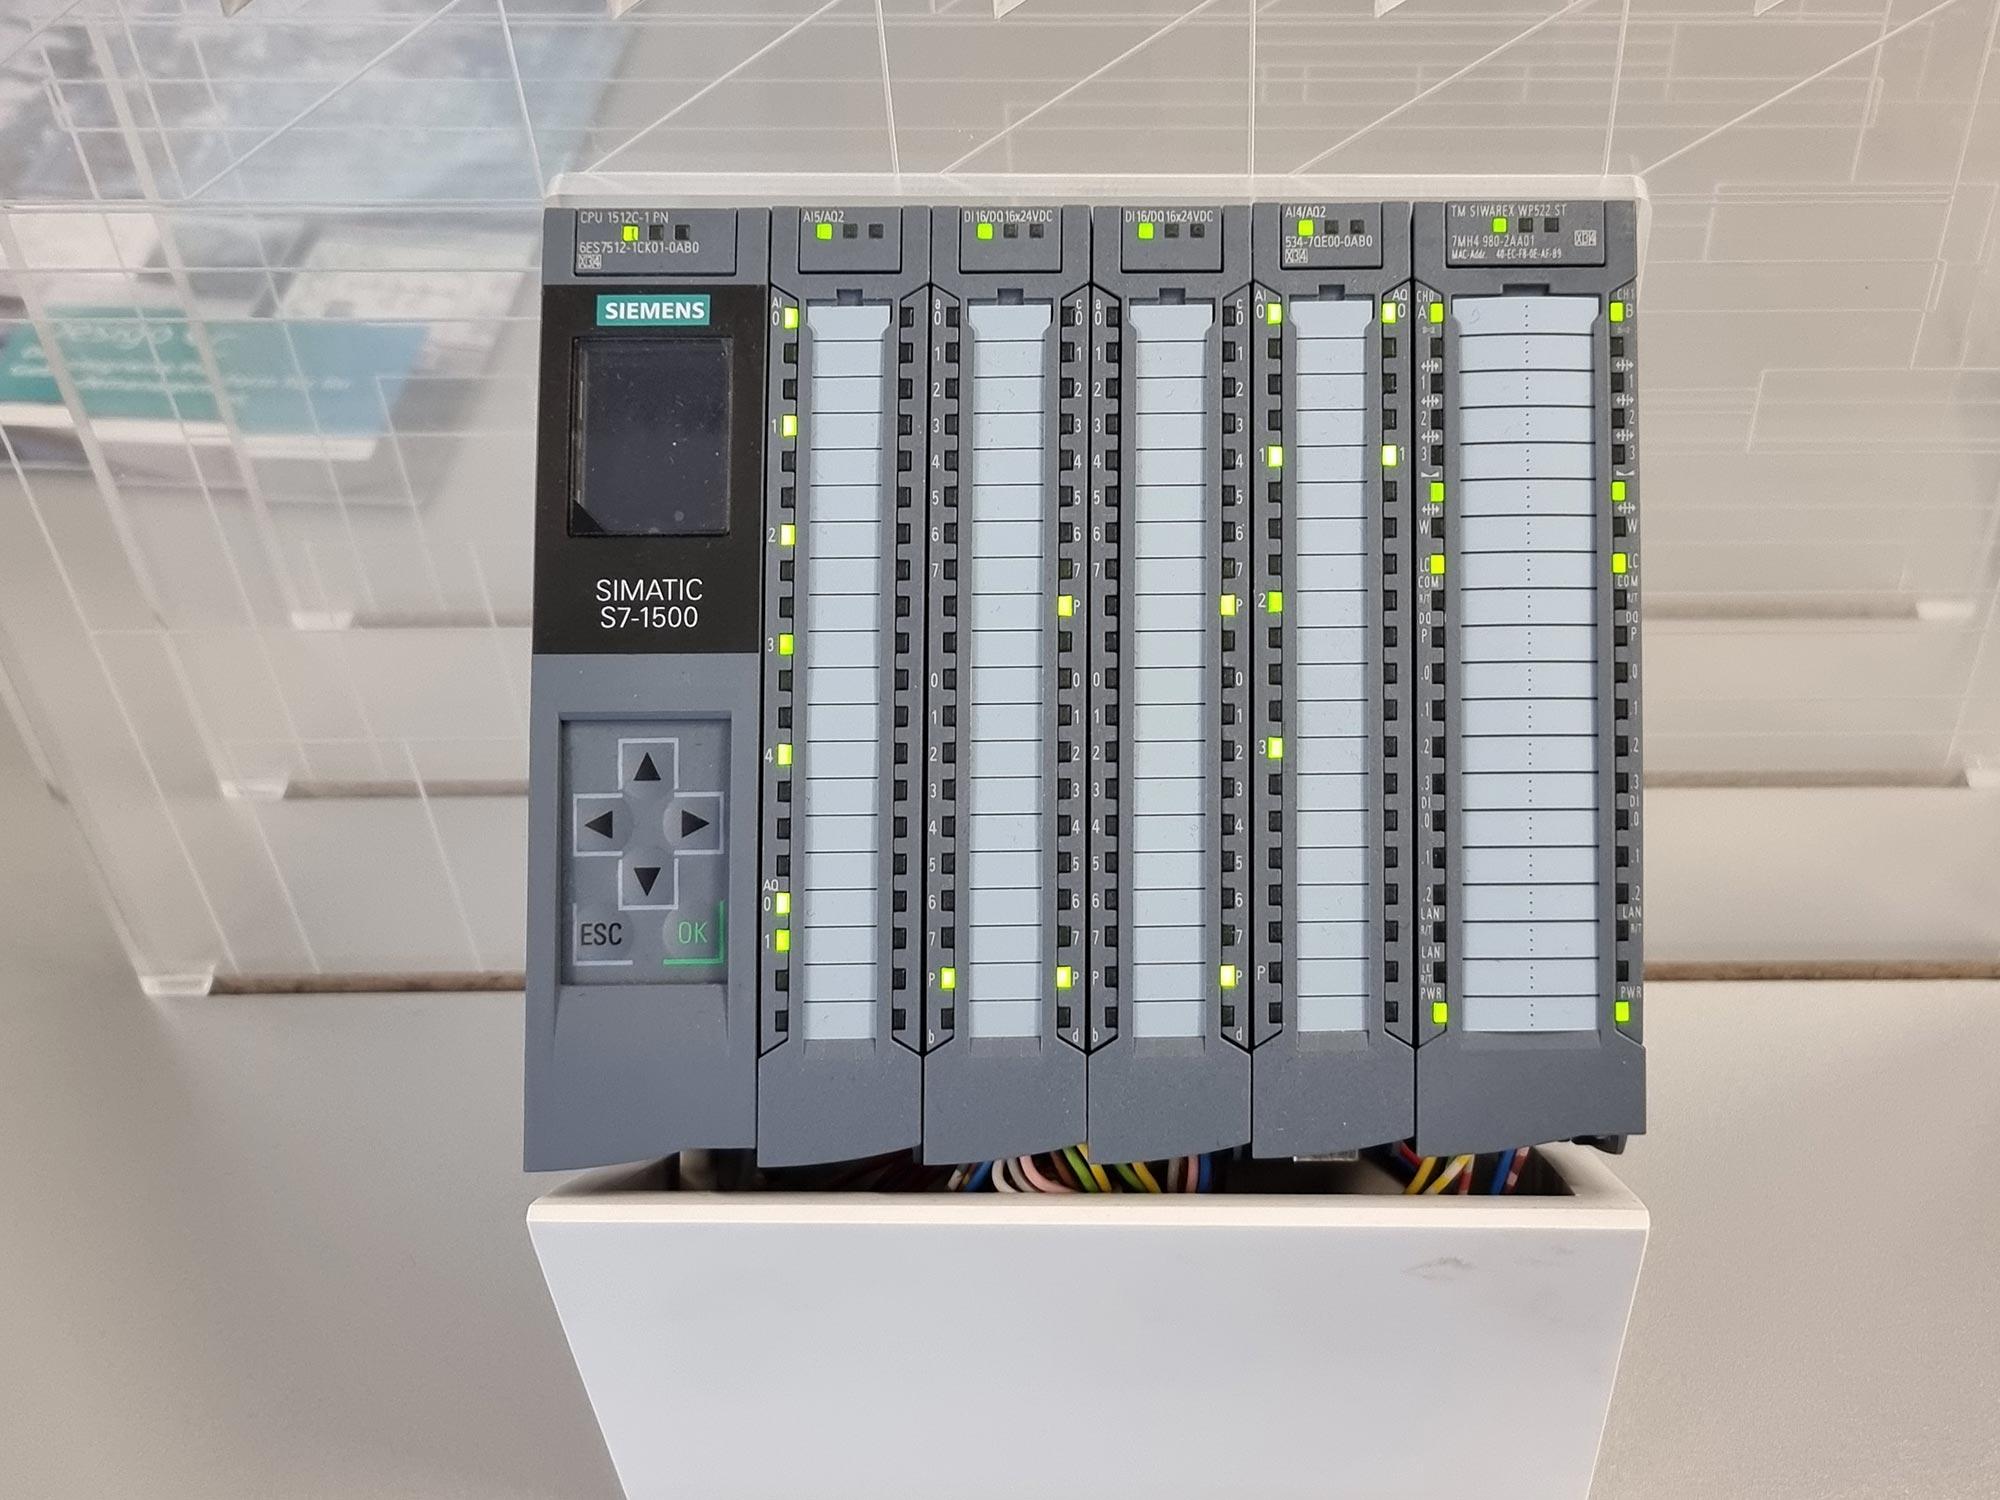 Simatic S7-1500 von Siemens